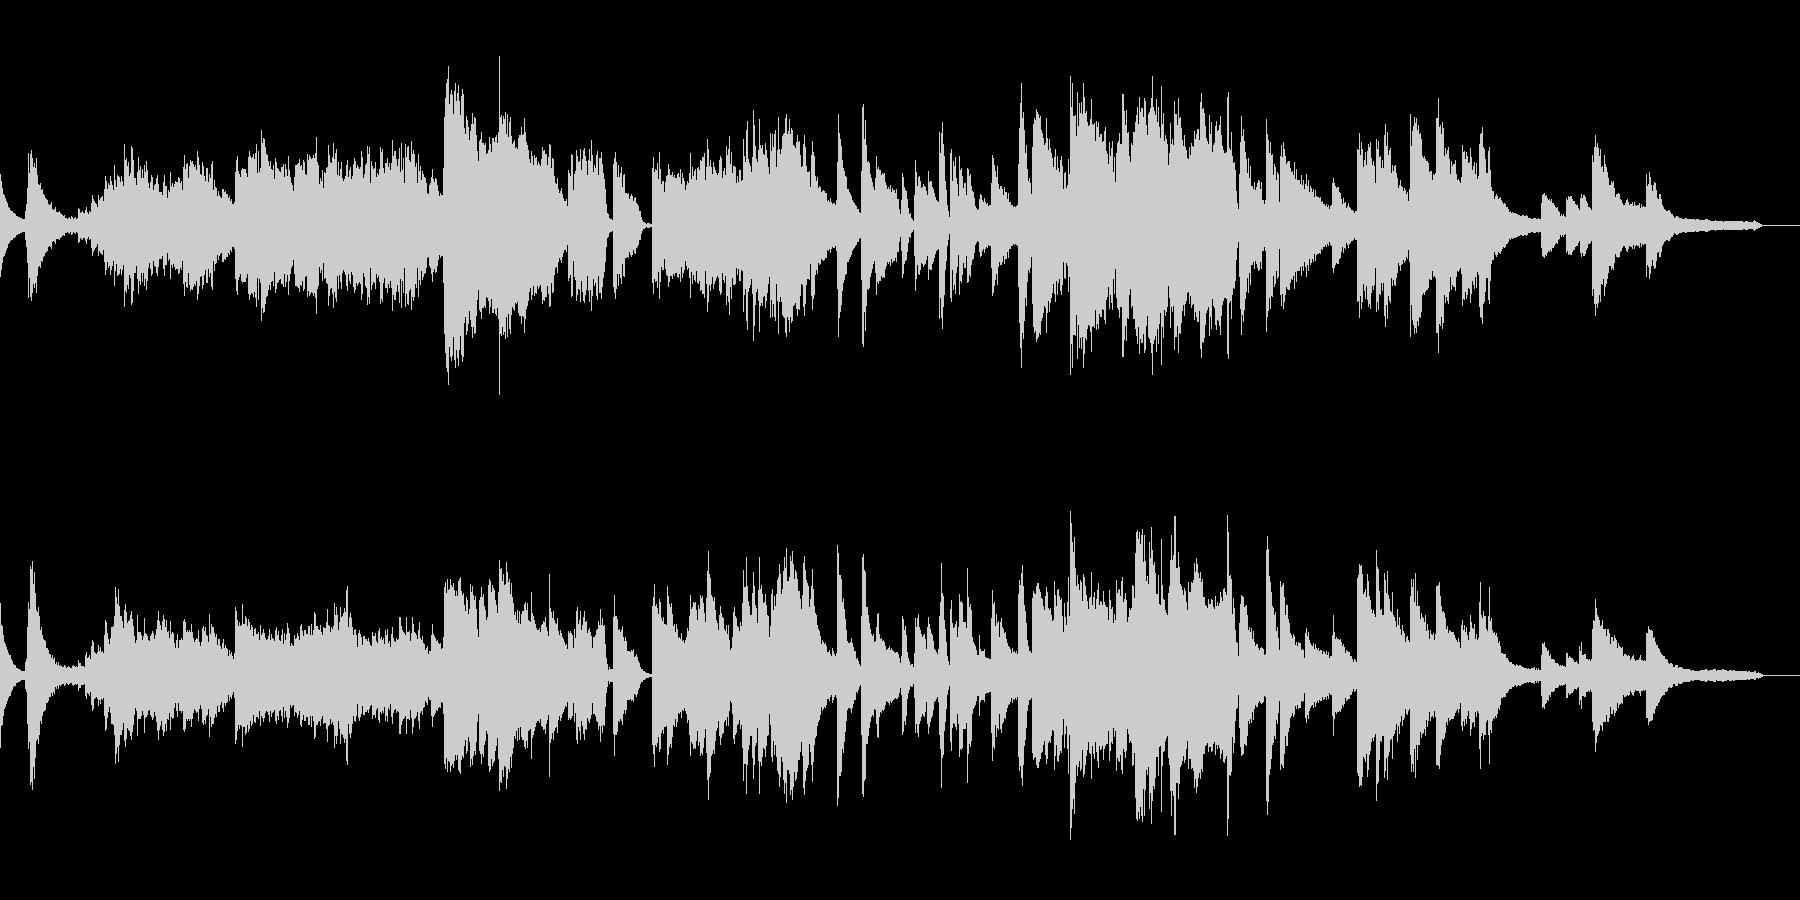 印象的ミステリアスなジャズピアノバラードの未再生の波形